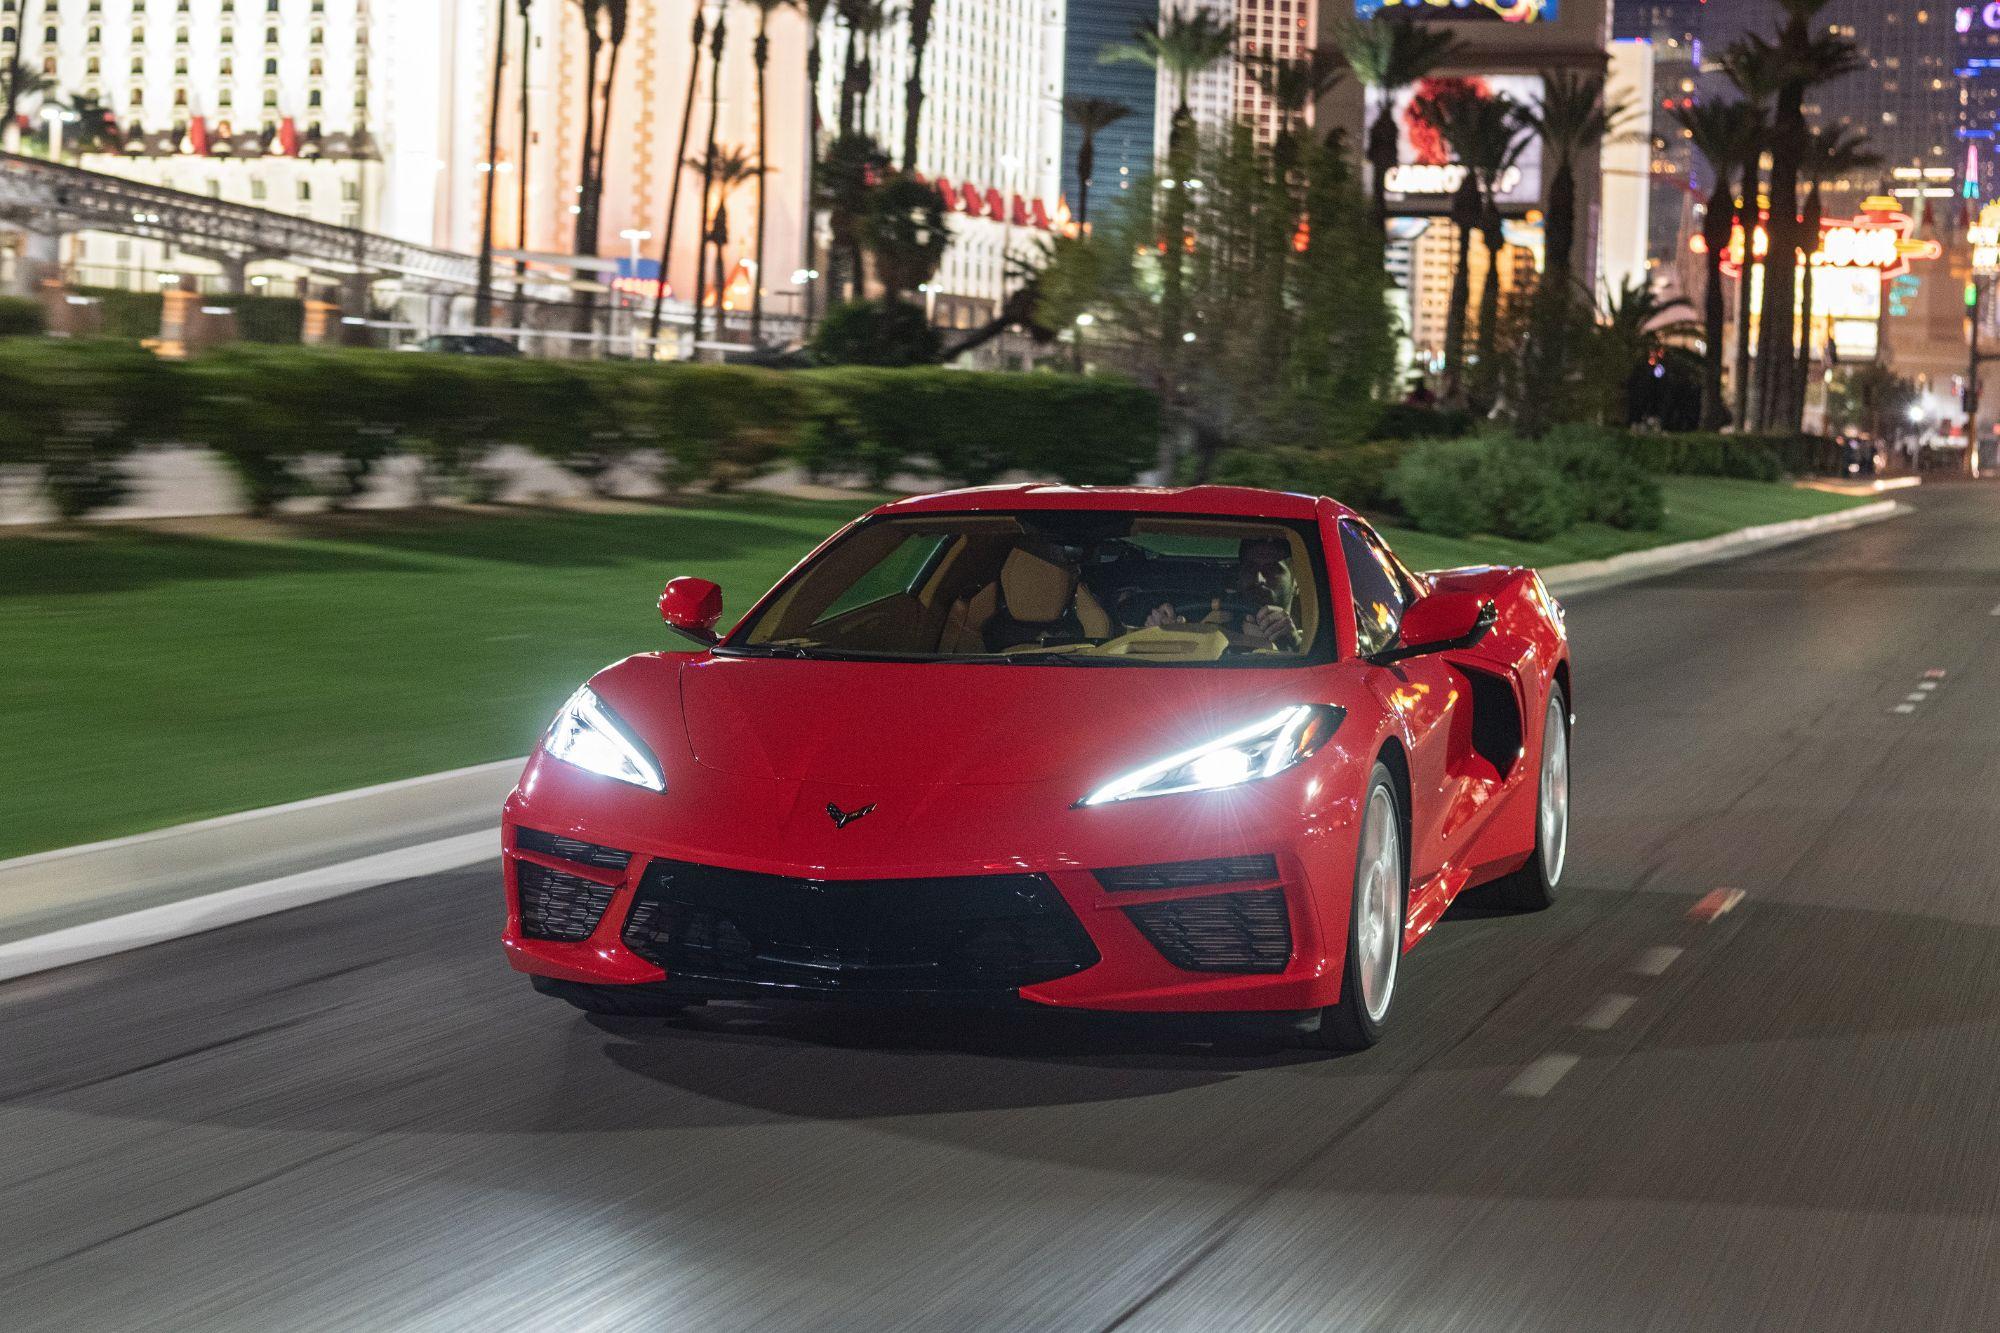 2020-Chevrolet-Corvette-Stingray-259